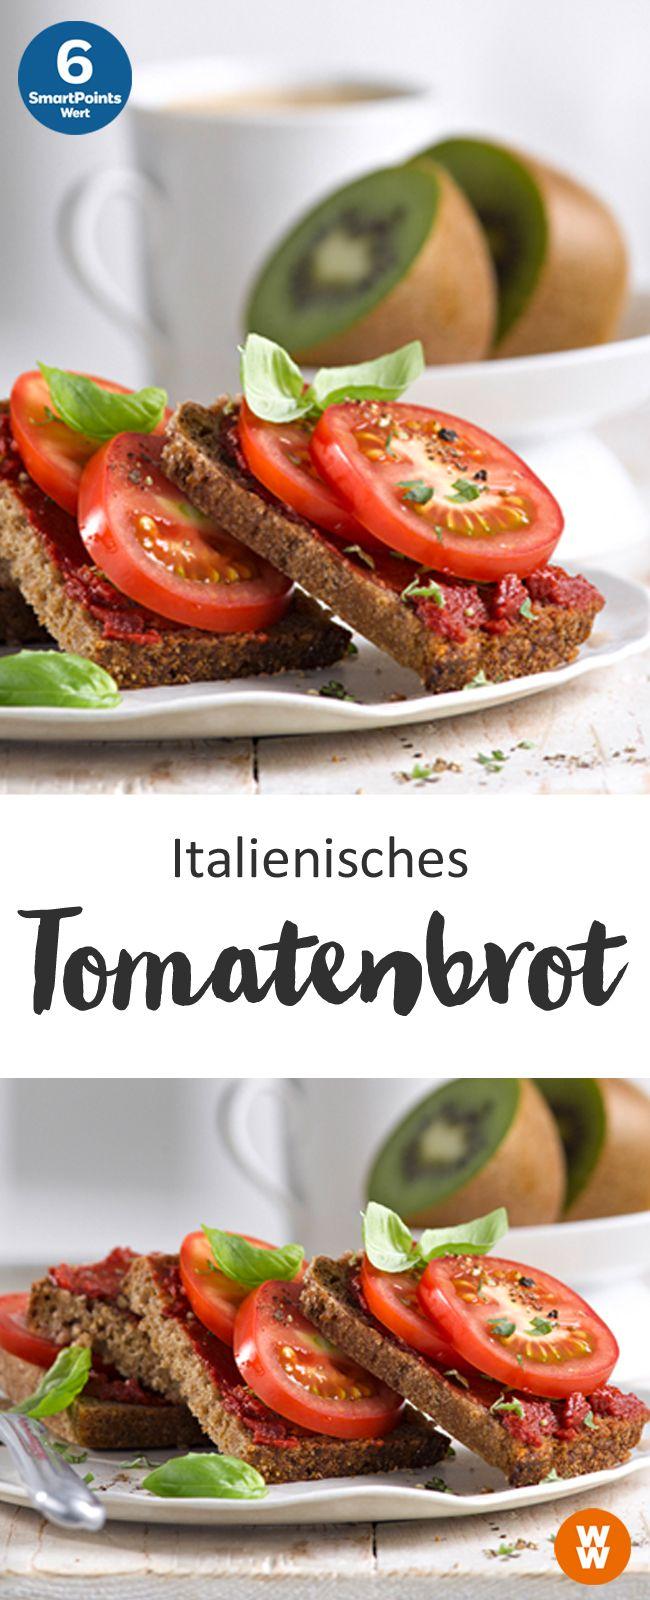 Italienisches Tomatenbrot | 6 SmartPoints/Portion, Weight Watchers, schnelles Frühstück